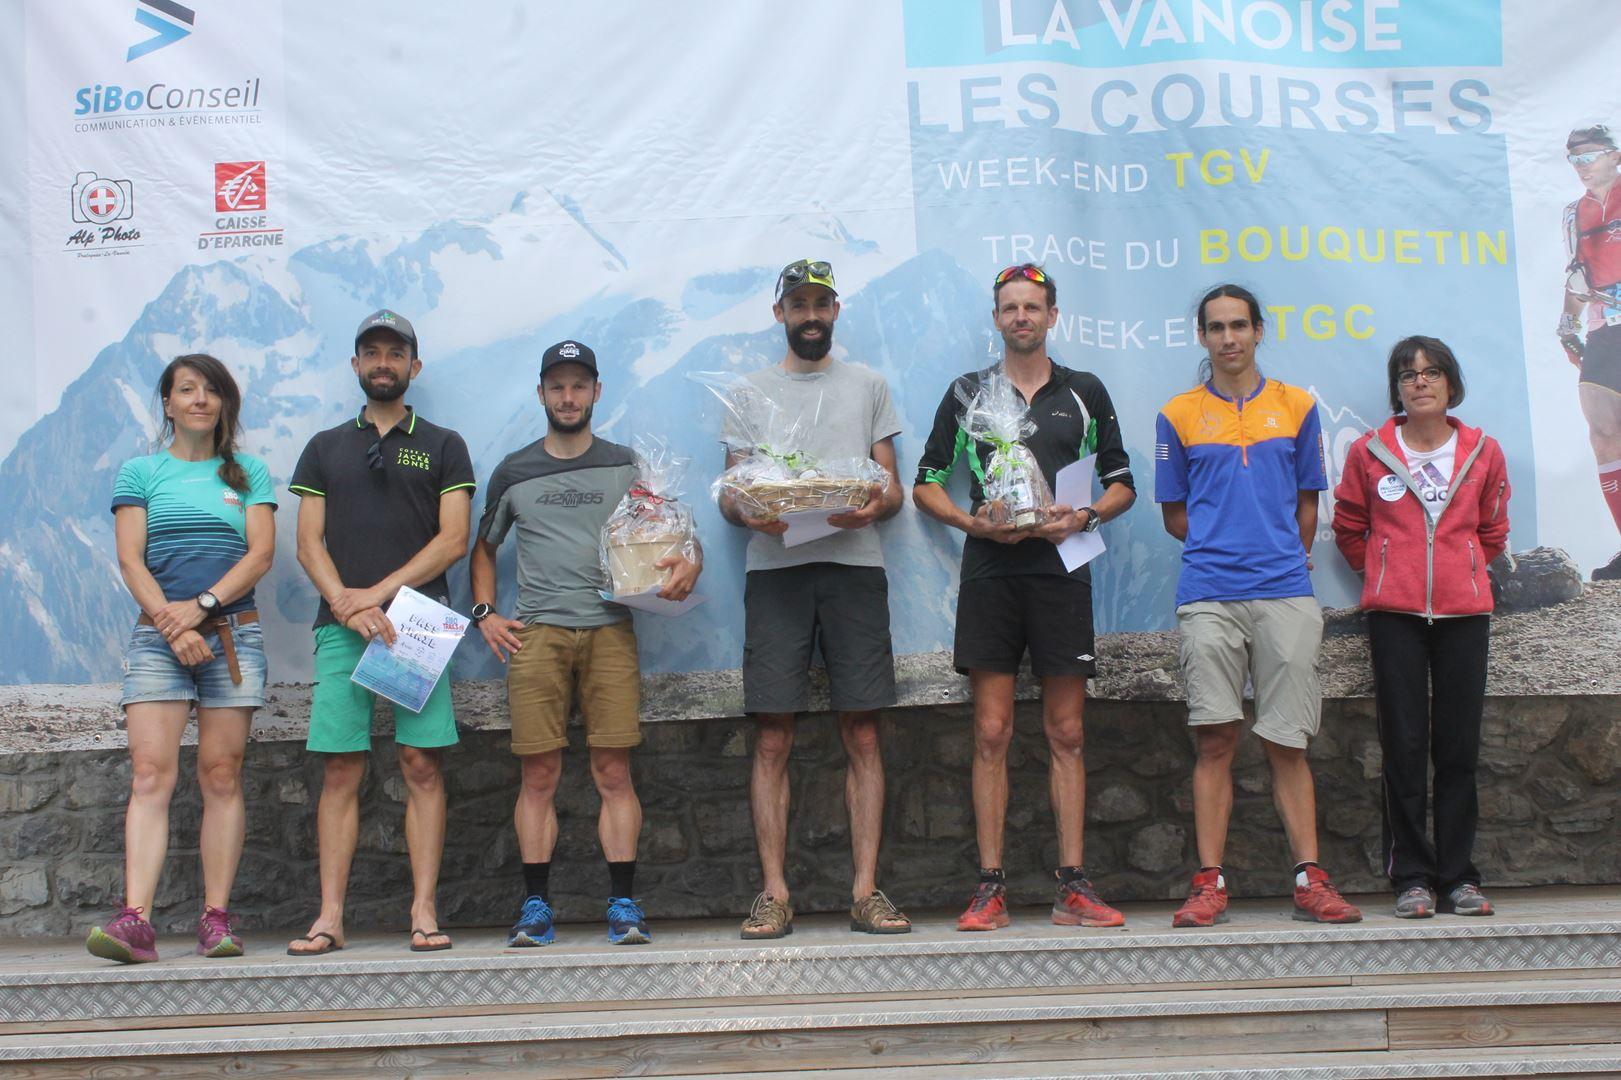 podium tgv hommes 1 - BENJAMIN DAVID S'IMPOSE SUR LE TOUR DES GLACIERS DE LA VANOISE !  PRALOGNAN 07/07/2019